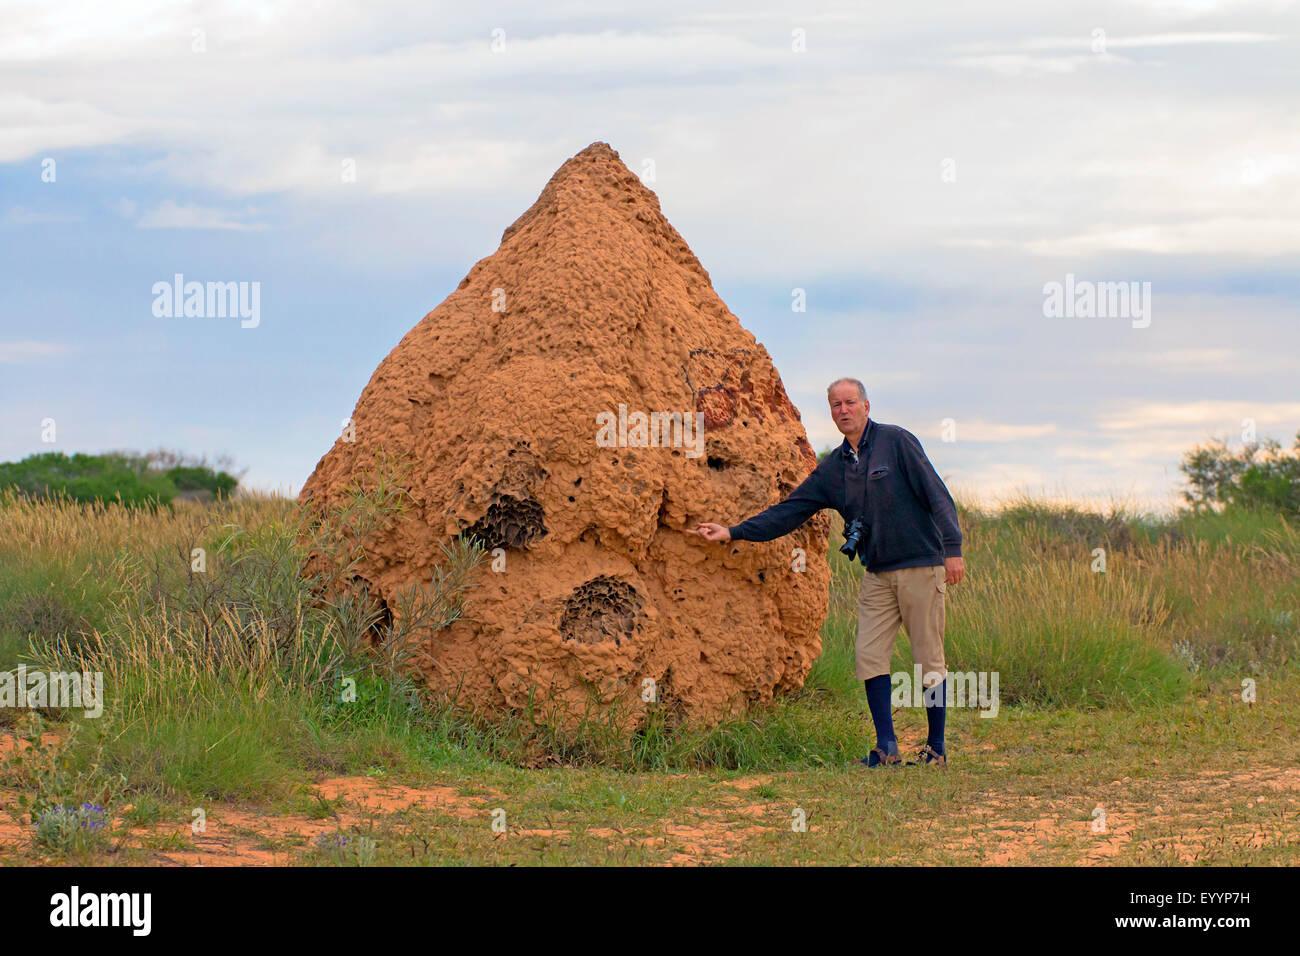 Termite hill con un essere umano per confronto scala, Australia Australia Occidentale, Cardabia Immagini Stock